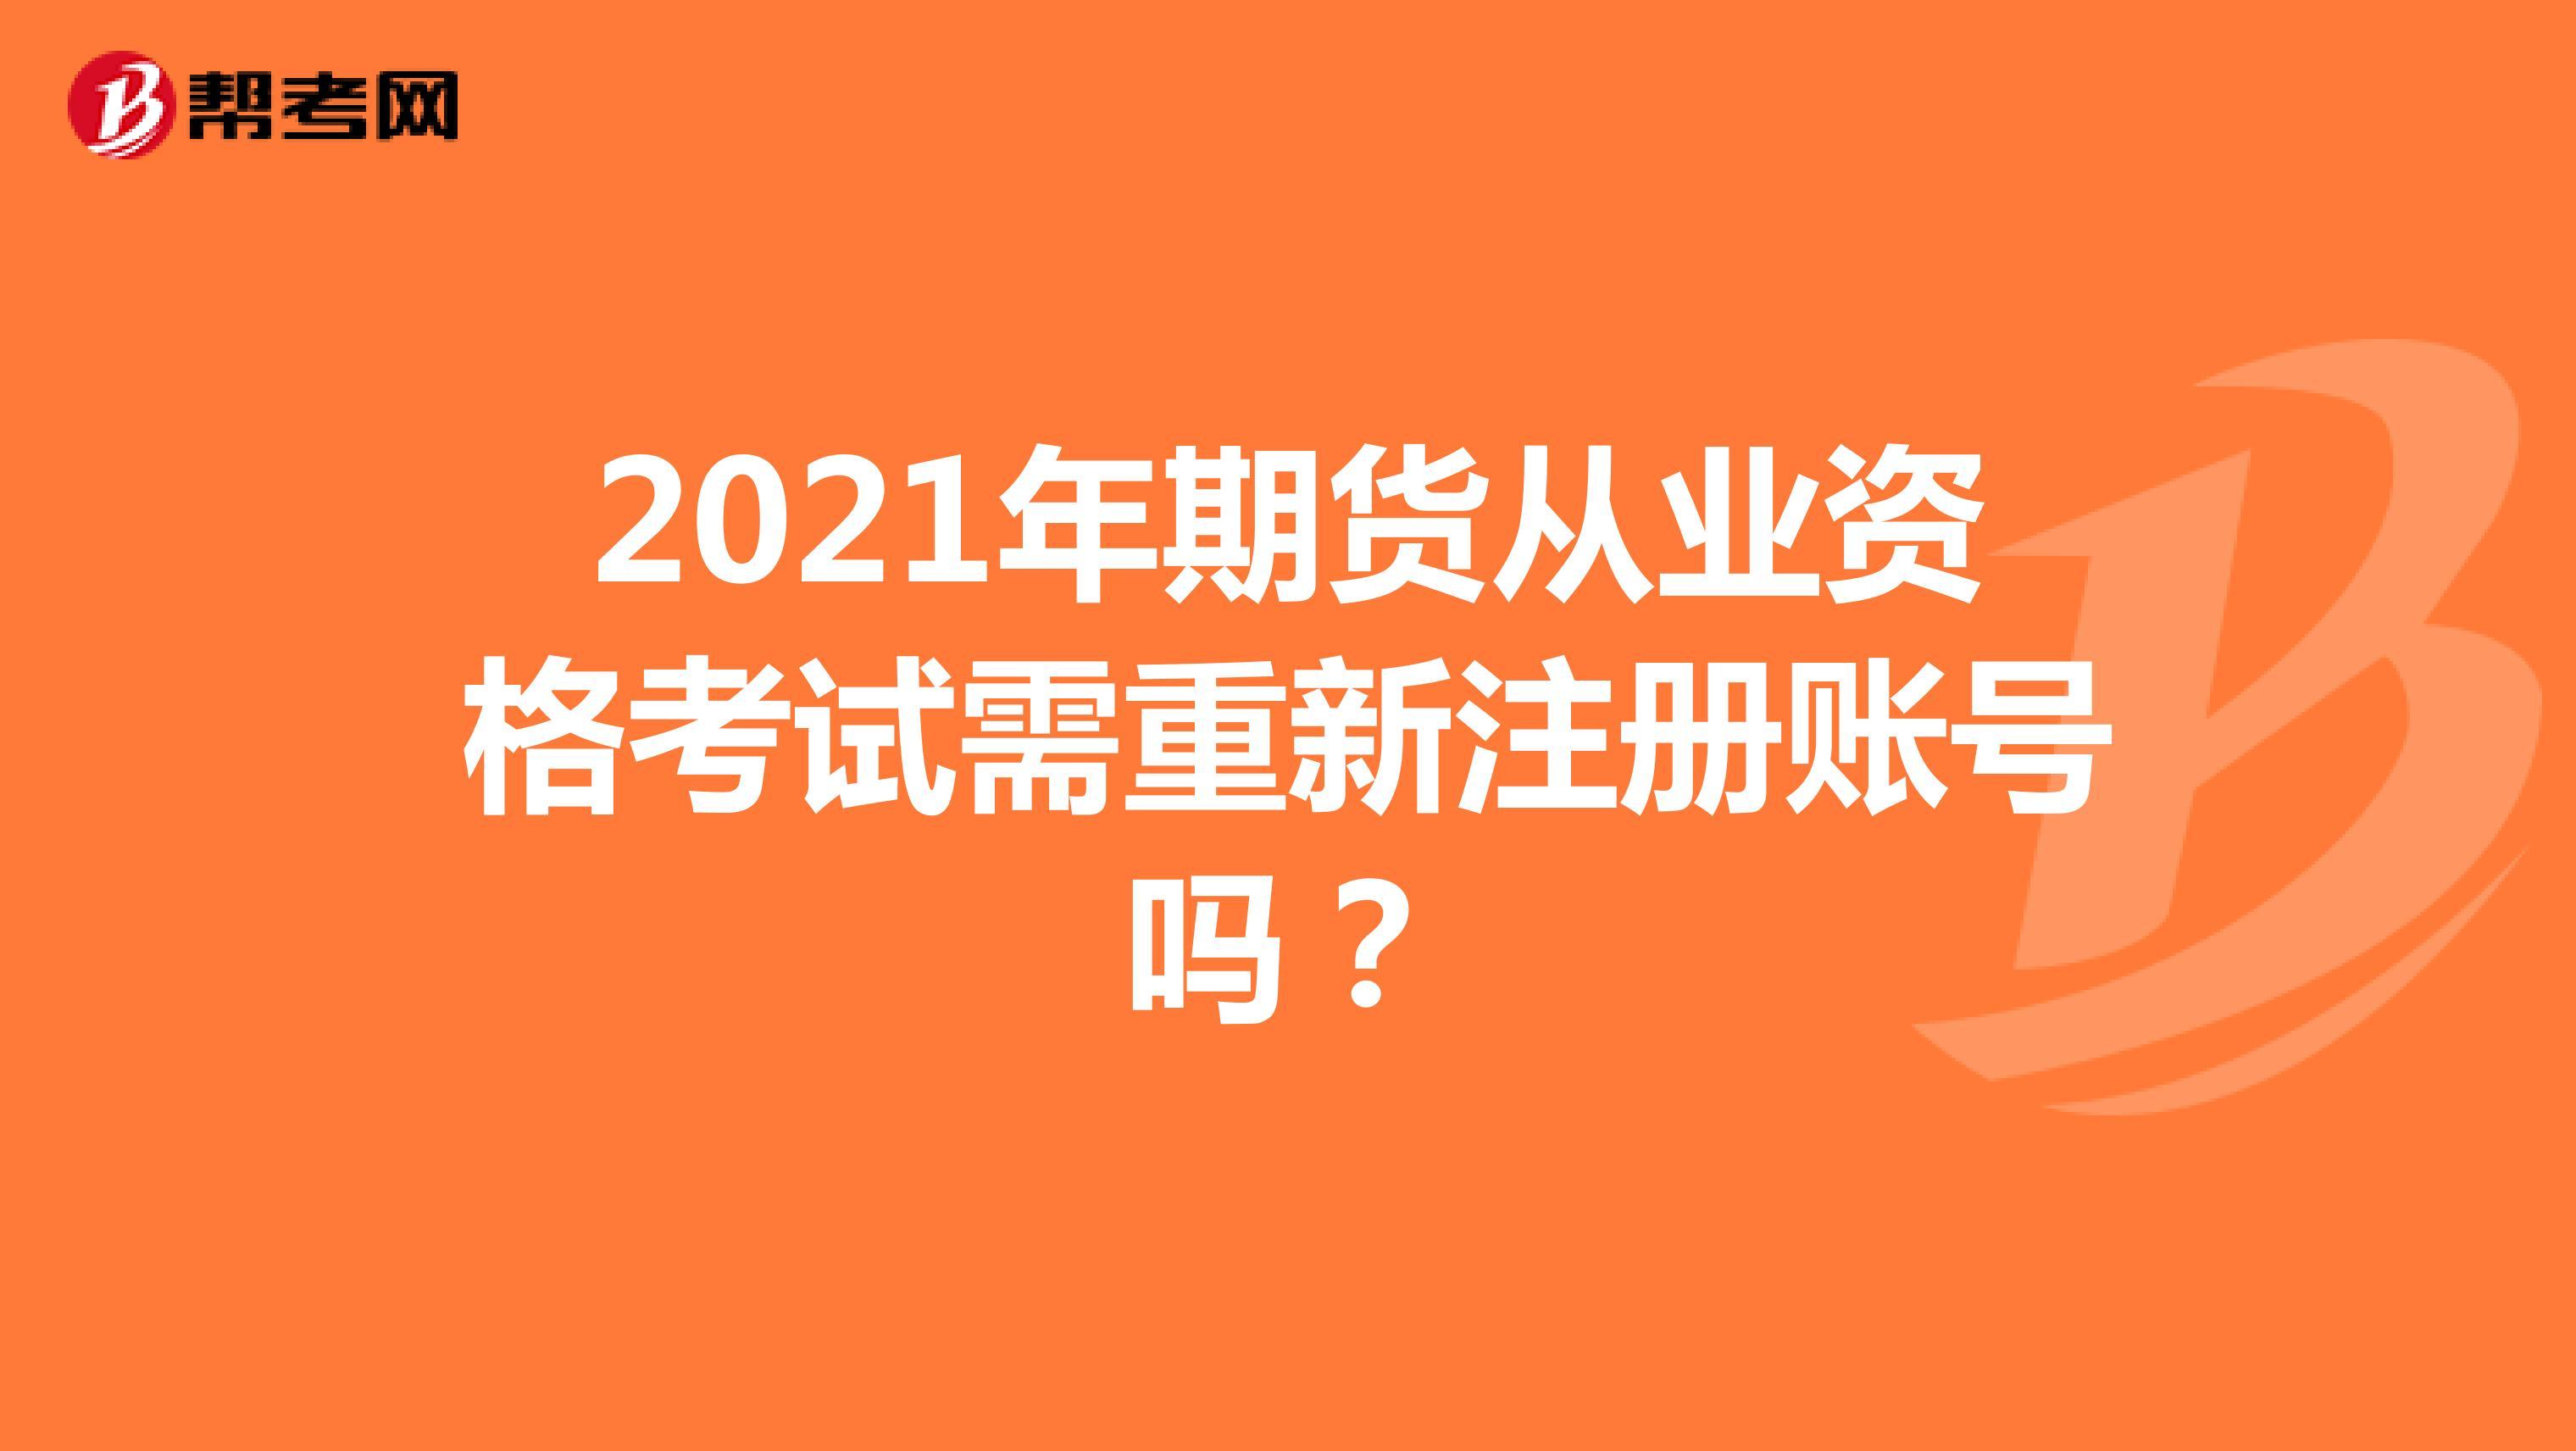 2021年热竞技吧:期货从业资格考试需重新注册账号吗?